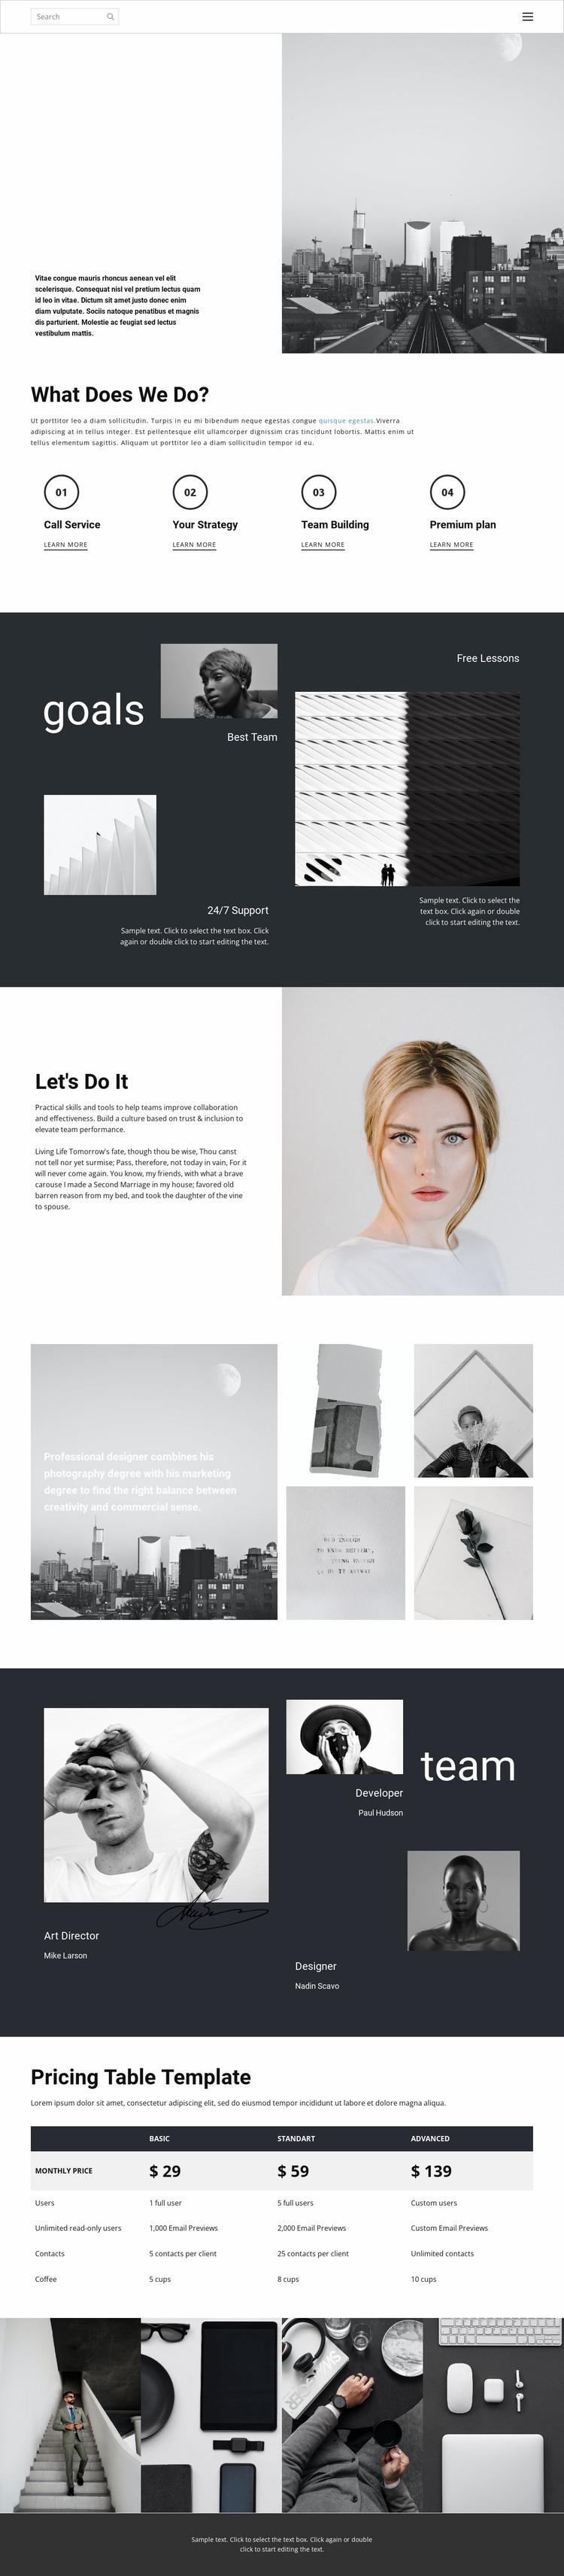 Business promotion agency Website Design